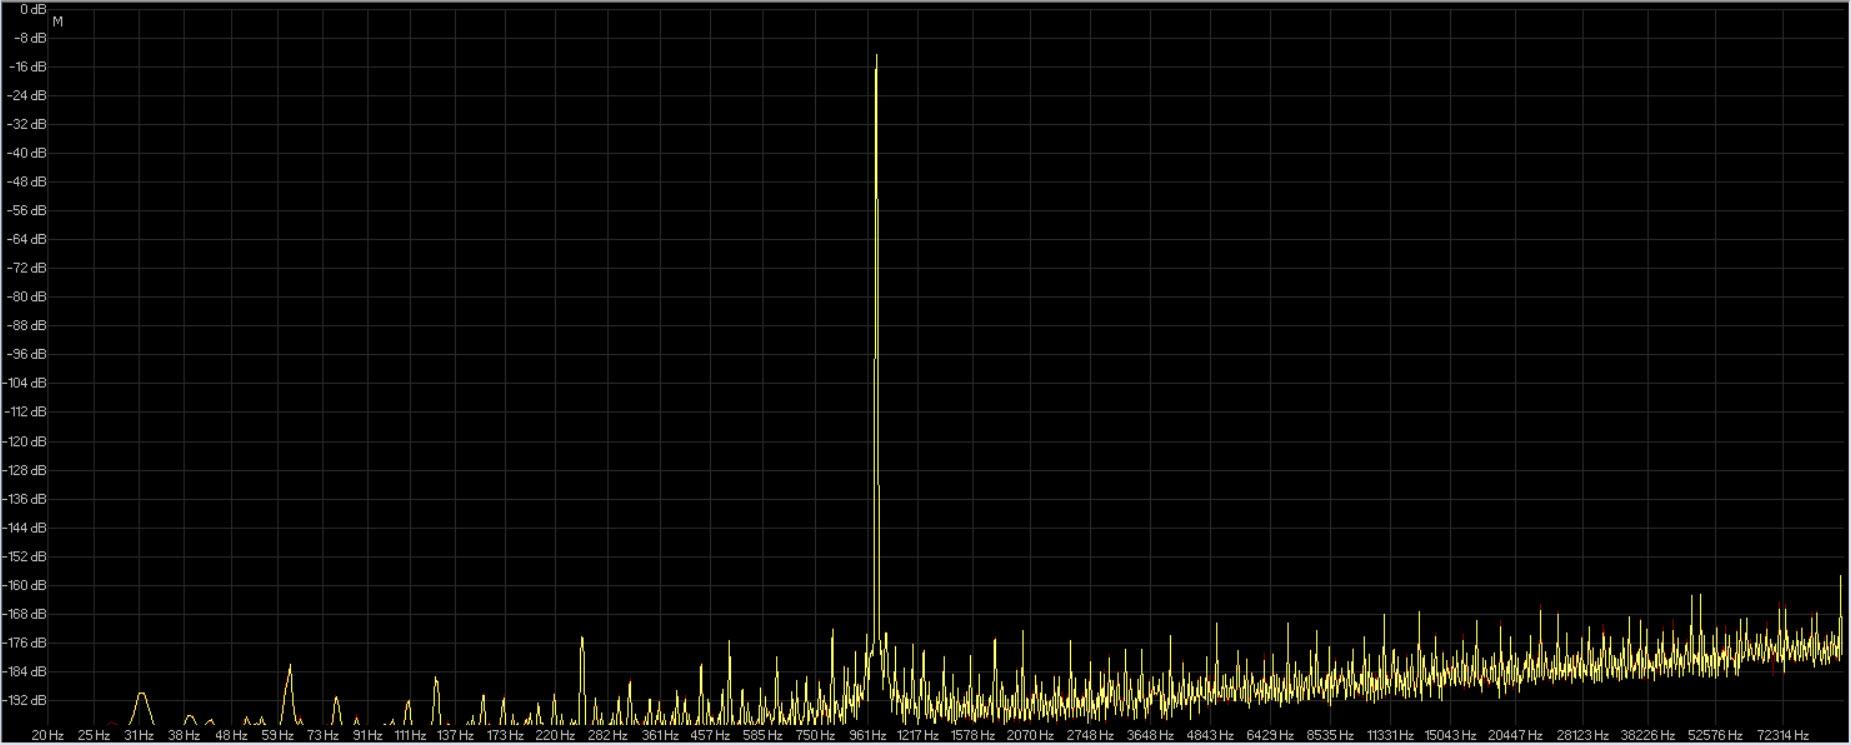 32fp-96 audiomove ( giallo ) rx5 e voxengo ( rosso ).jpg